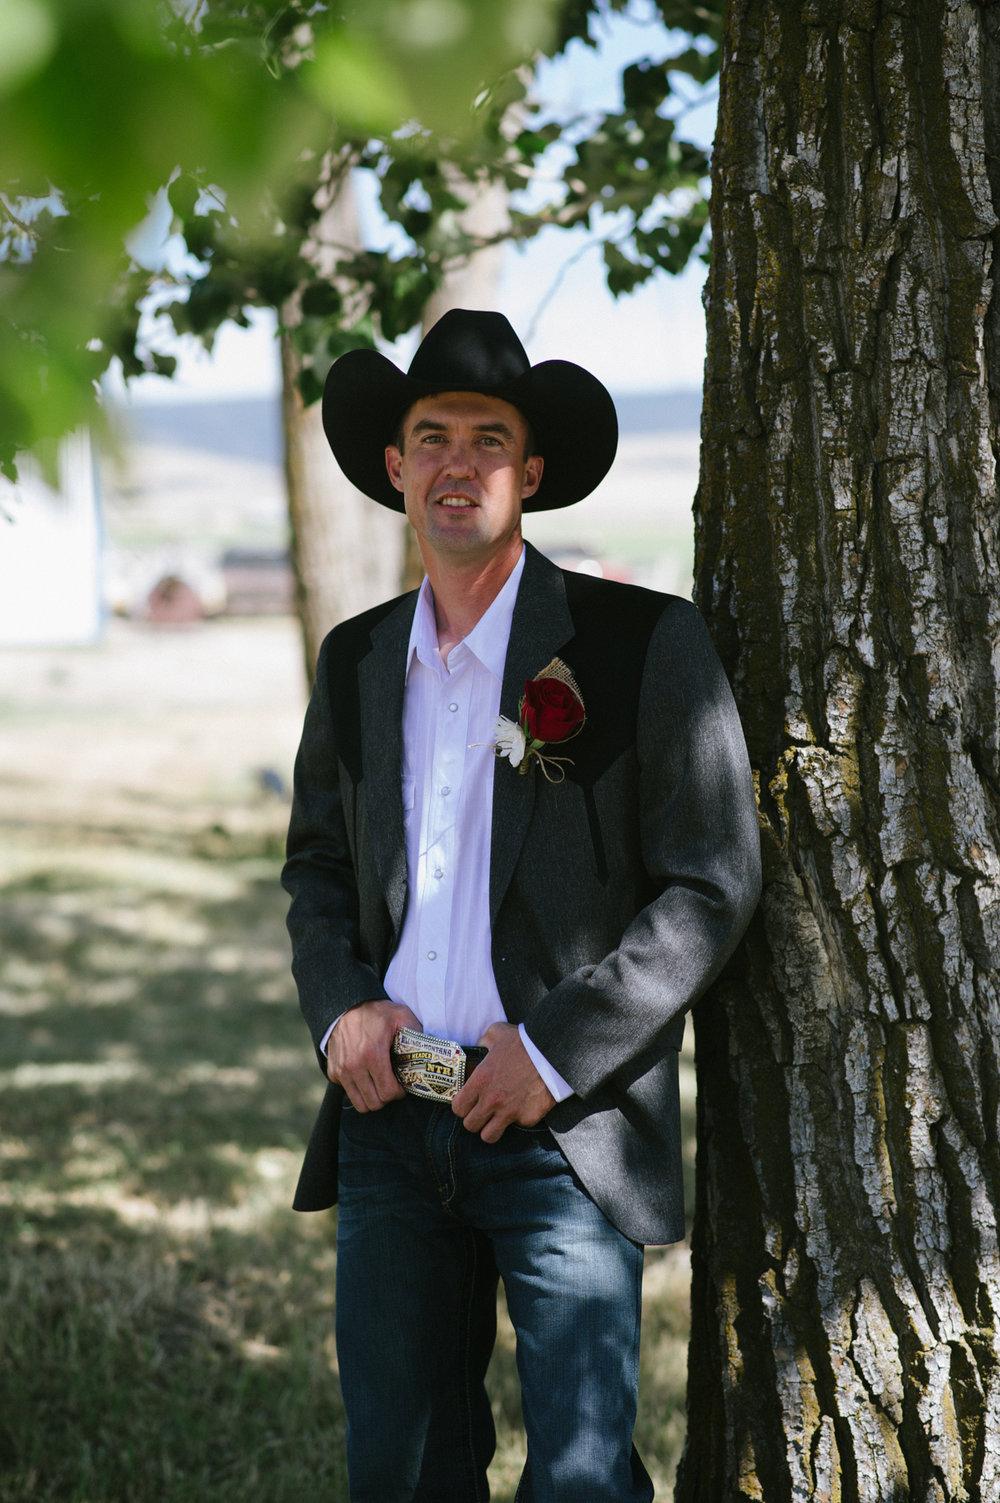 Erica Lind + Jeff Heim Wedding_Rustic Wedding_Montana Wedding_Kelsey Lane Photography-3907-2.jpg